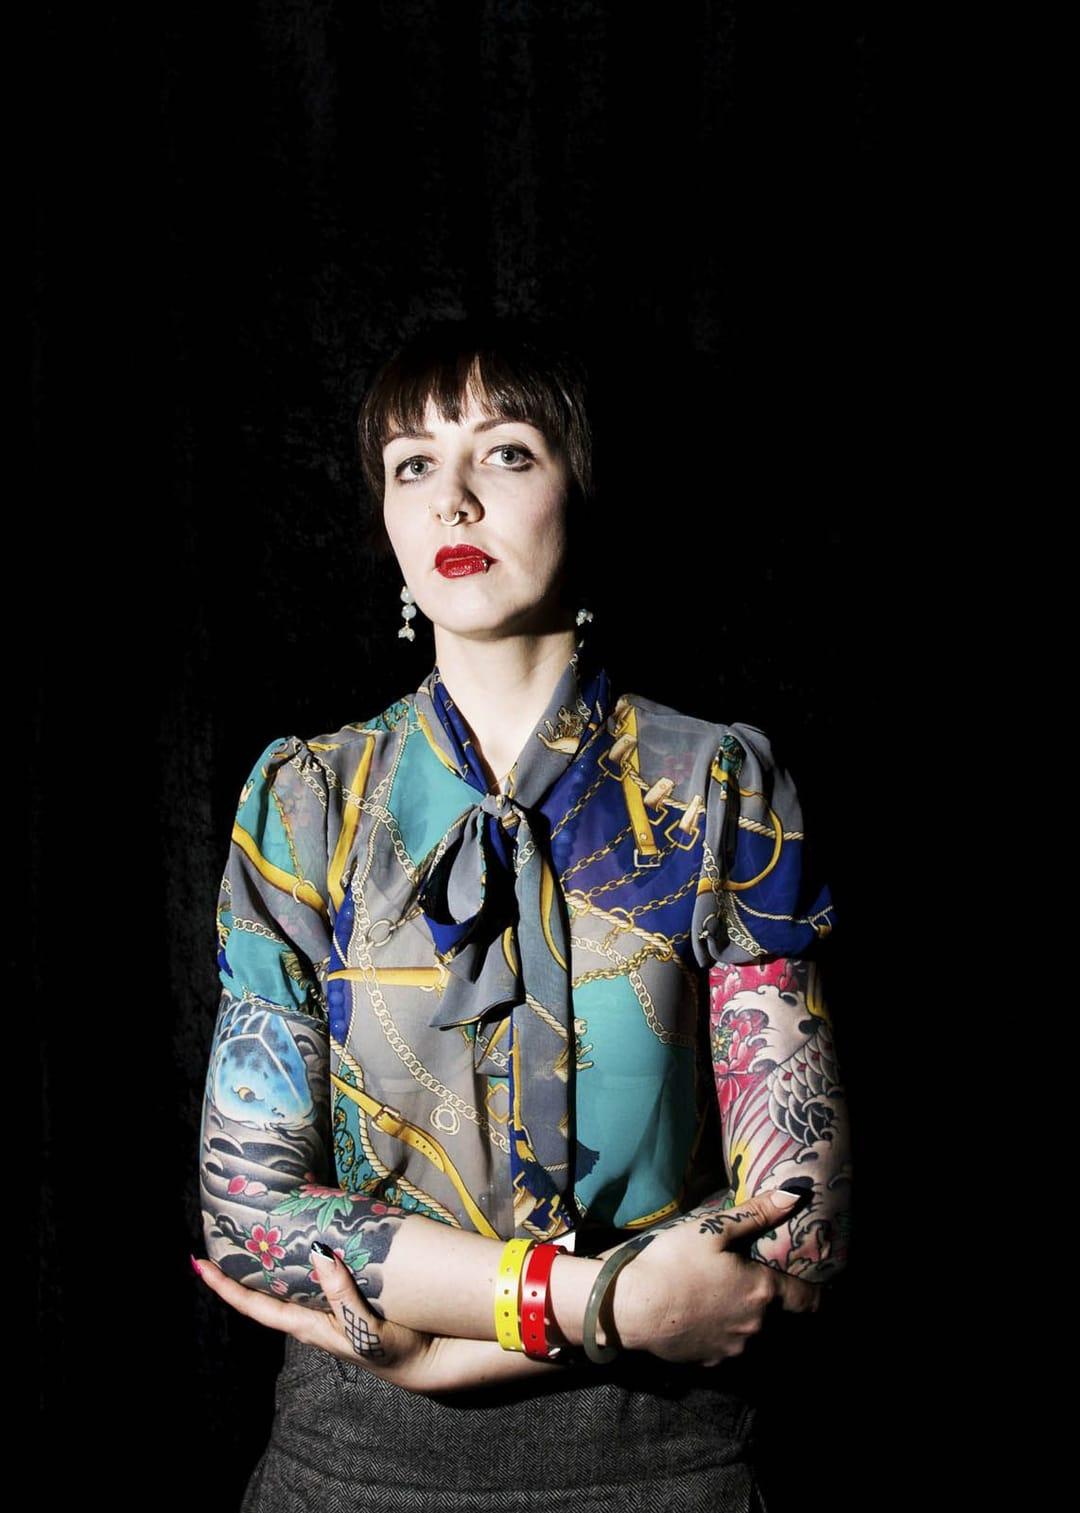 Anna, 20, Tattoo Artist